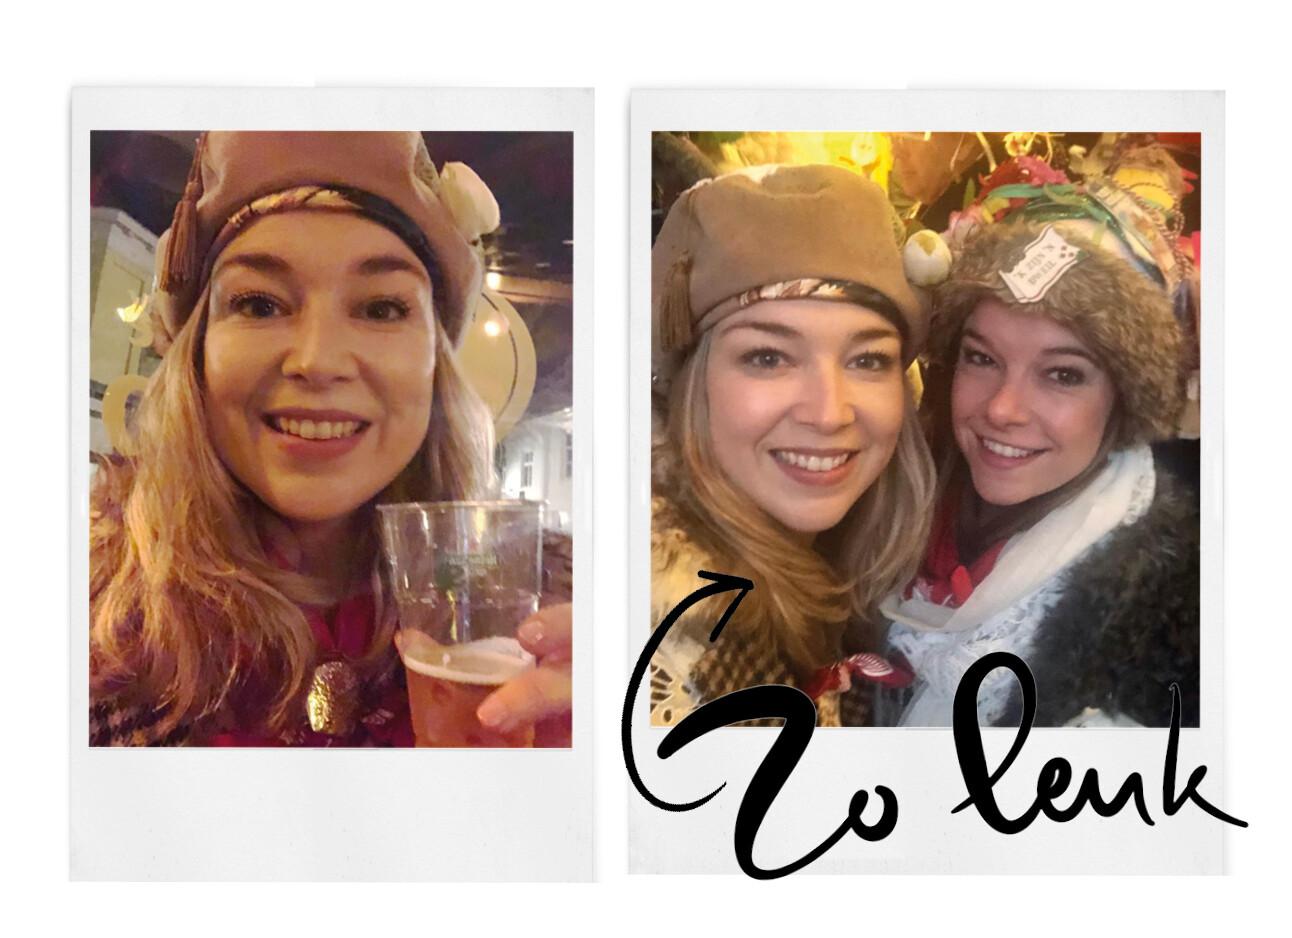 adeline viert carnaval in bergen op zoom met vrienden